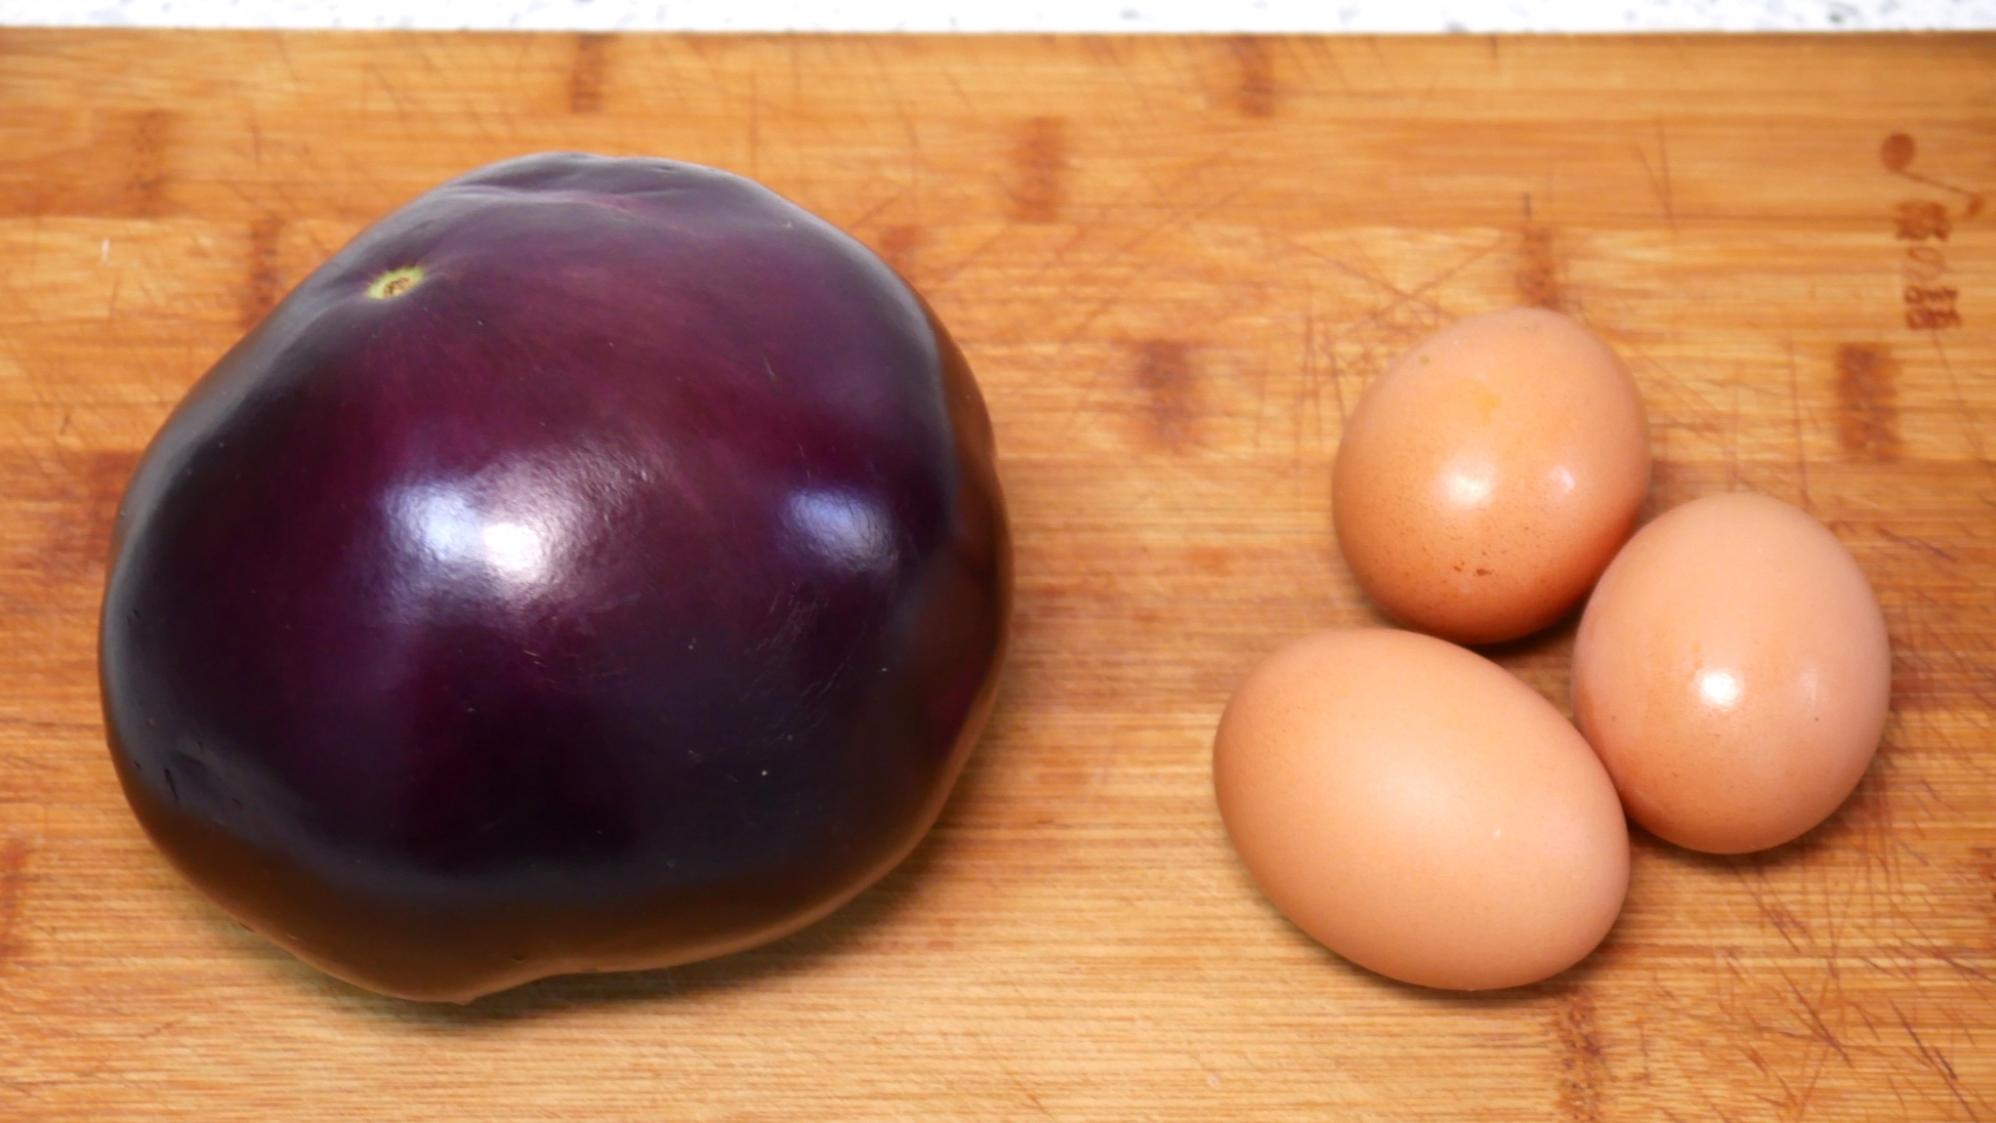 1颗茄子,3颗鸡蛋,简单一做,没想到还能这么好吃,连吃十天不腻